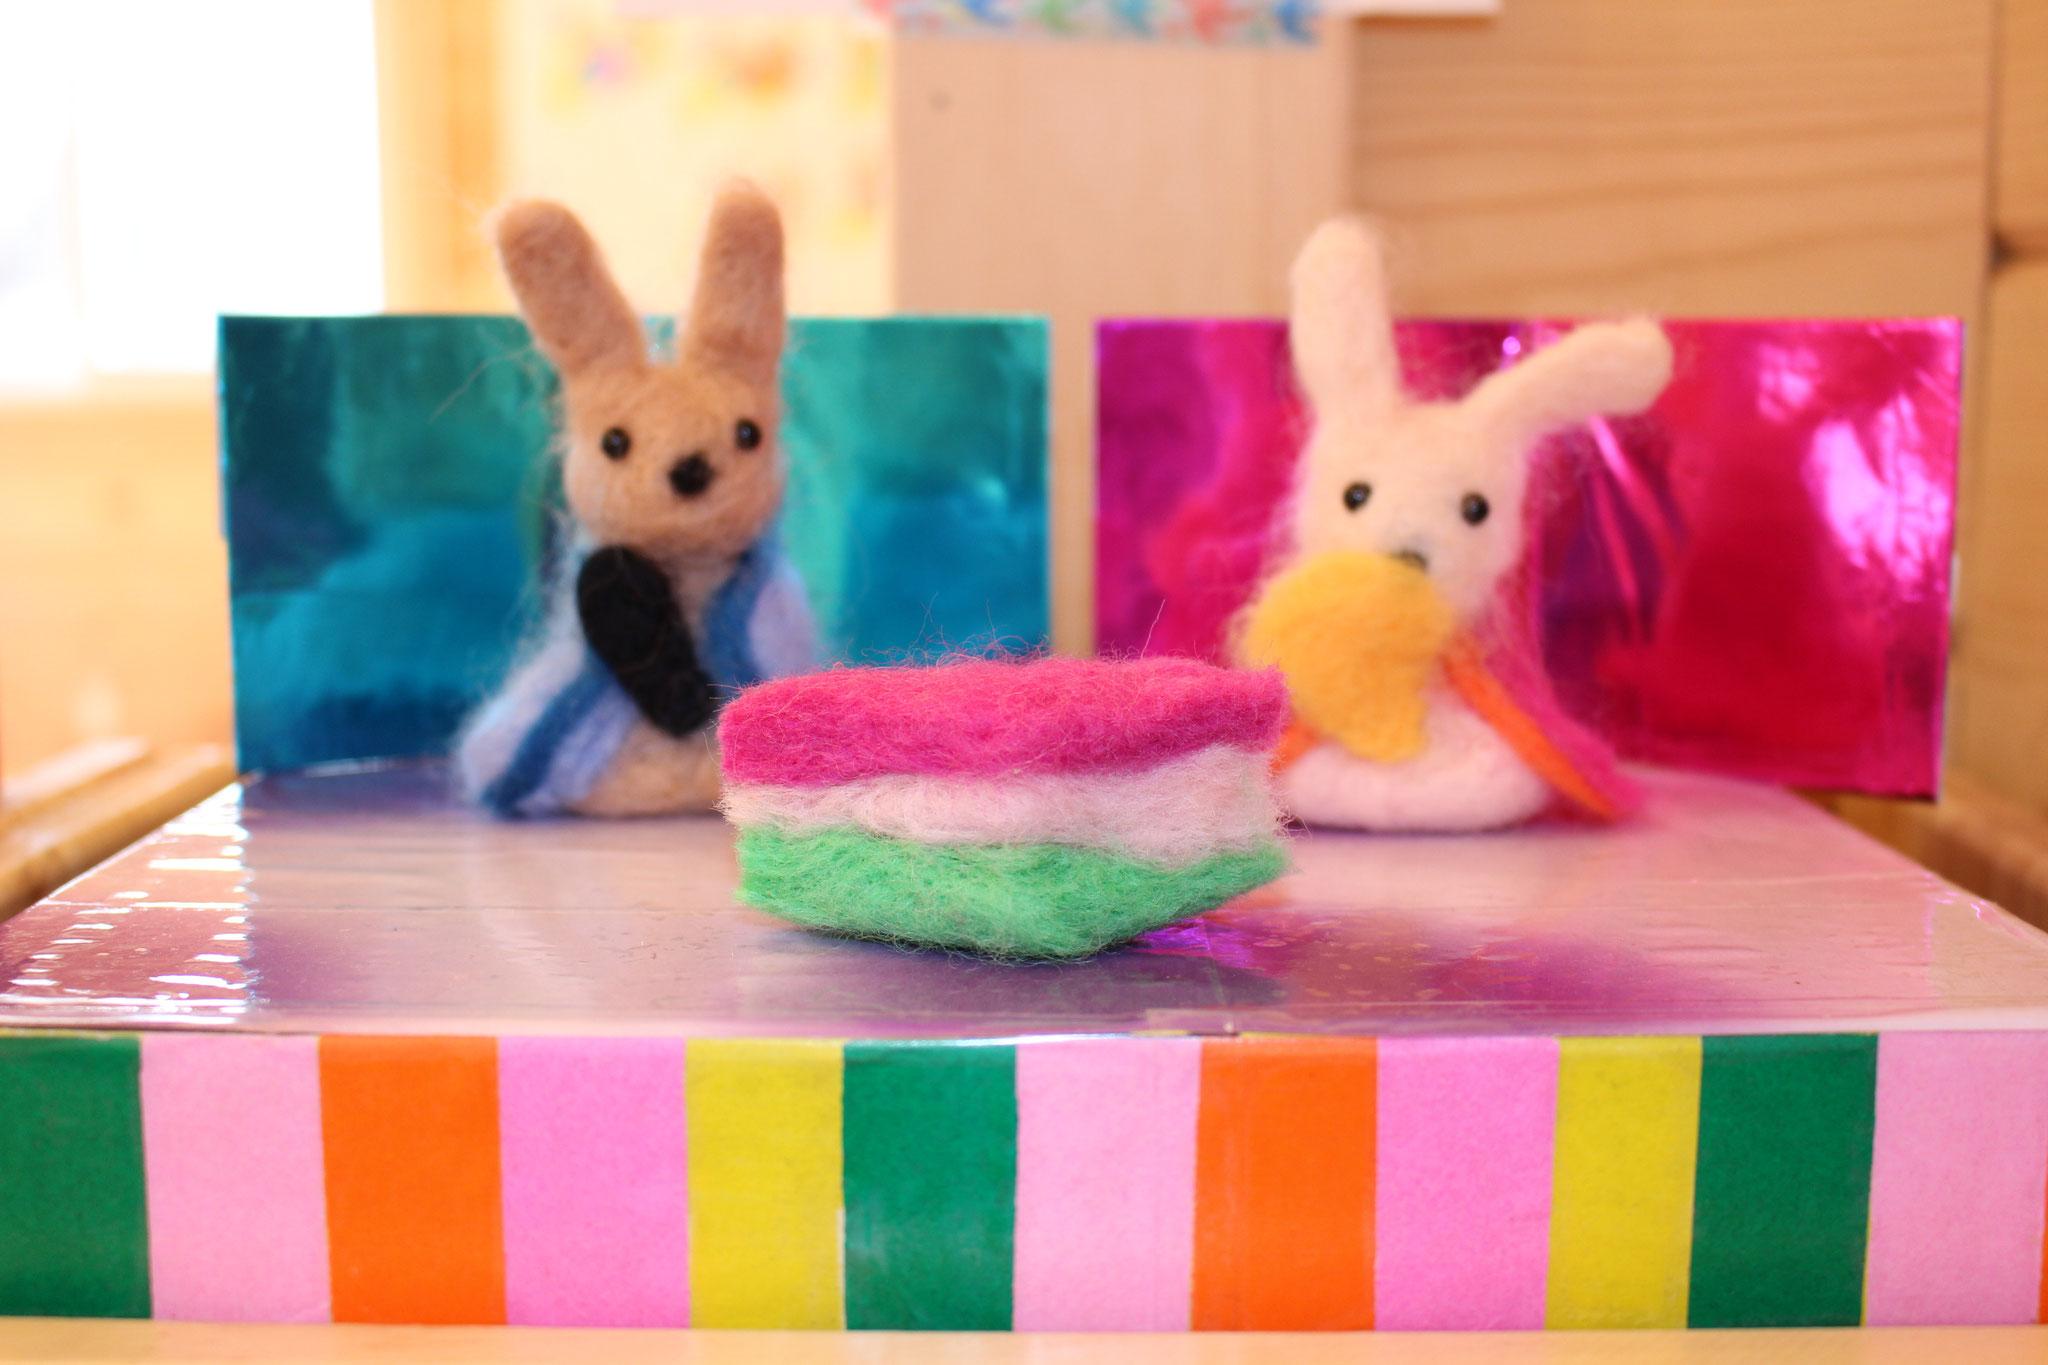 K先生も 子どもたちの 健やかな成長を願って ぬくもりのある うさぎのひな人形を 作ってくれました( ^ω^ )ニコニコ